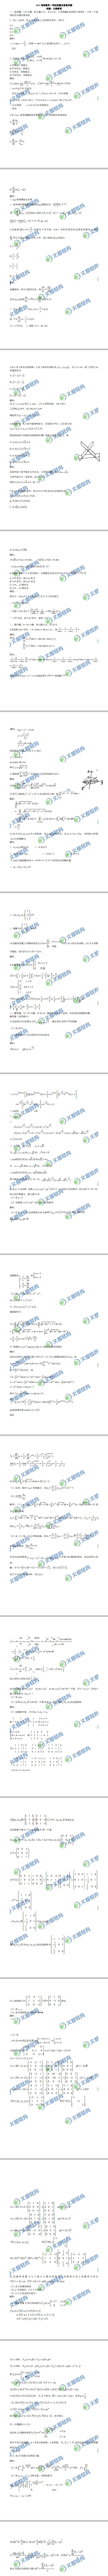 2019考研数学一考试真题及答案详解